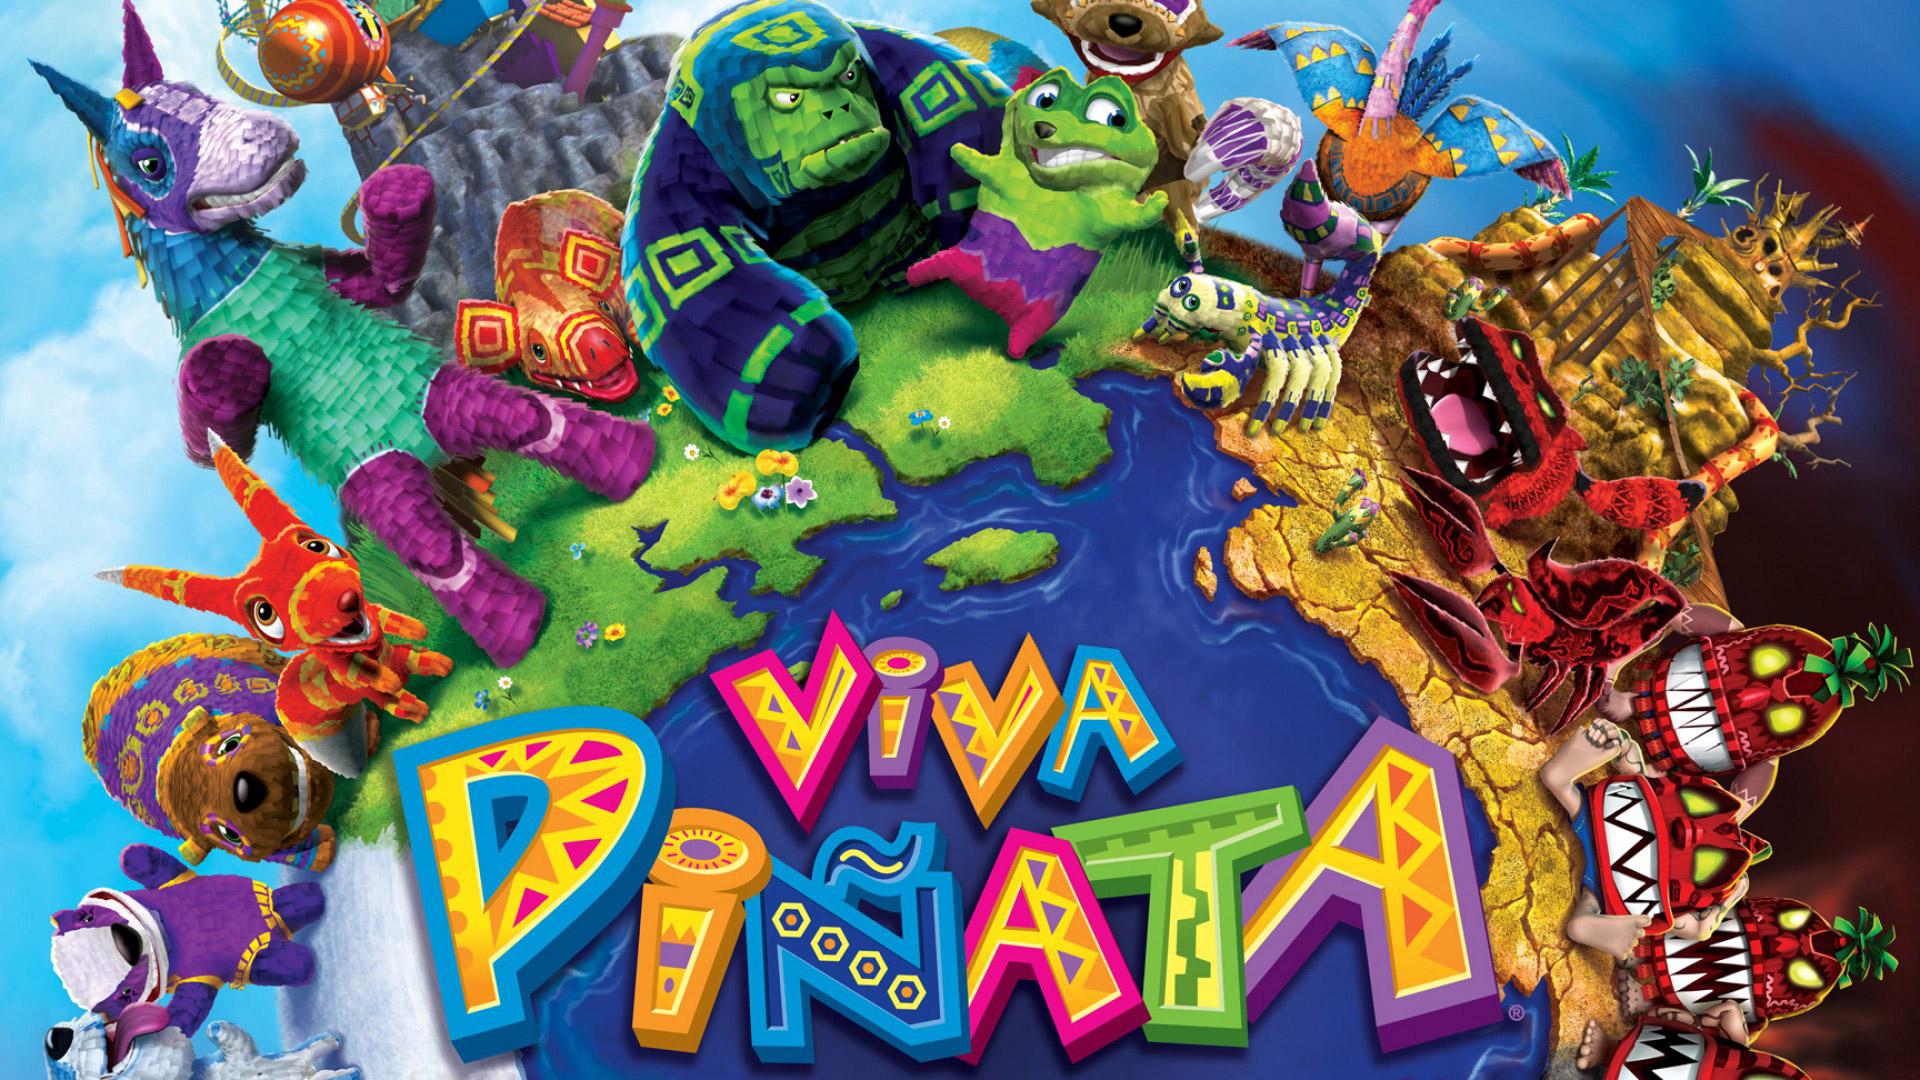 Viva Pi�ata: Trouble in Paradise Wallpaper in 1920x1080